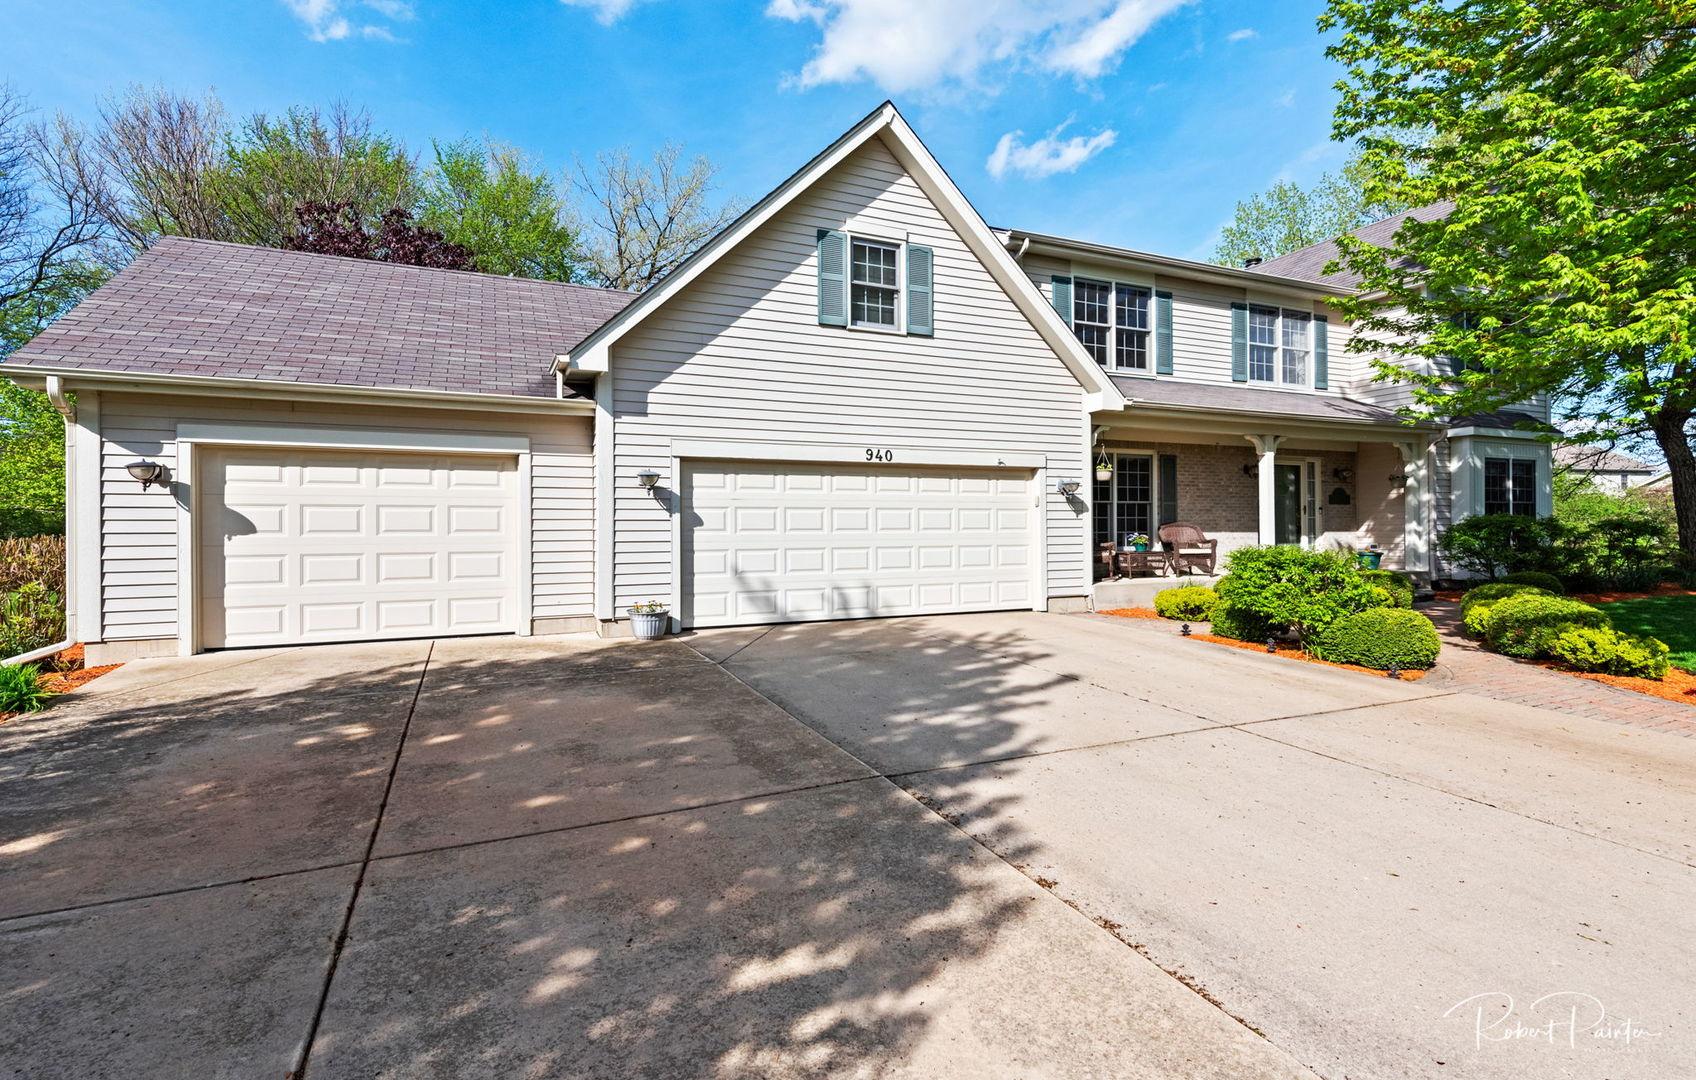 940 BARLINA Road, Crystal Lake, Illinois